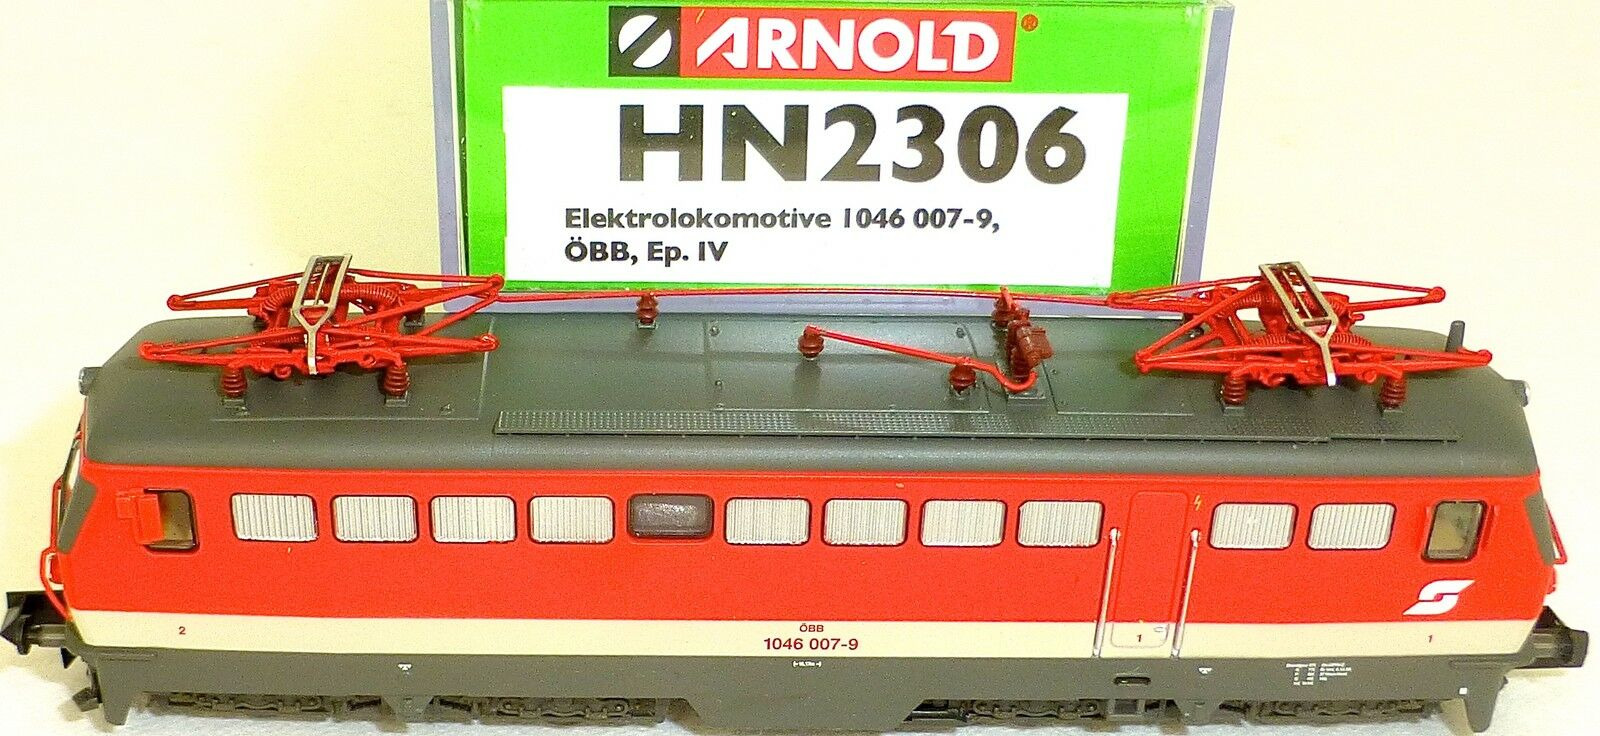 ÖBB serie 1046 007 9 ellok epiv DSS kkk Arnold hn2306 n 1 160 OVP hr3 Å